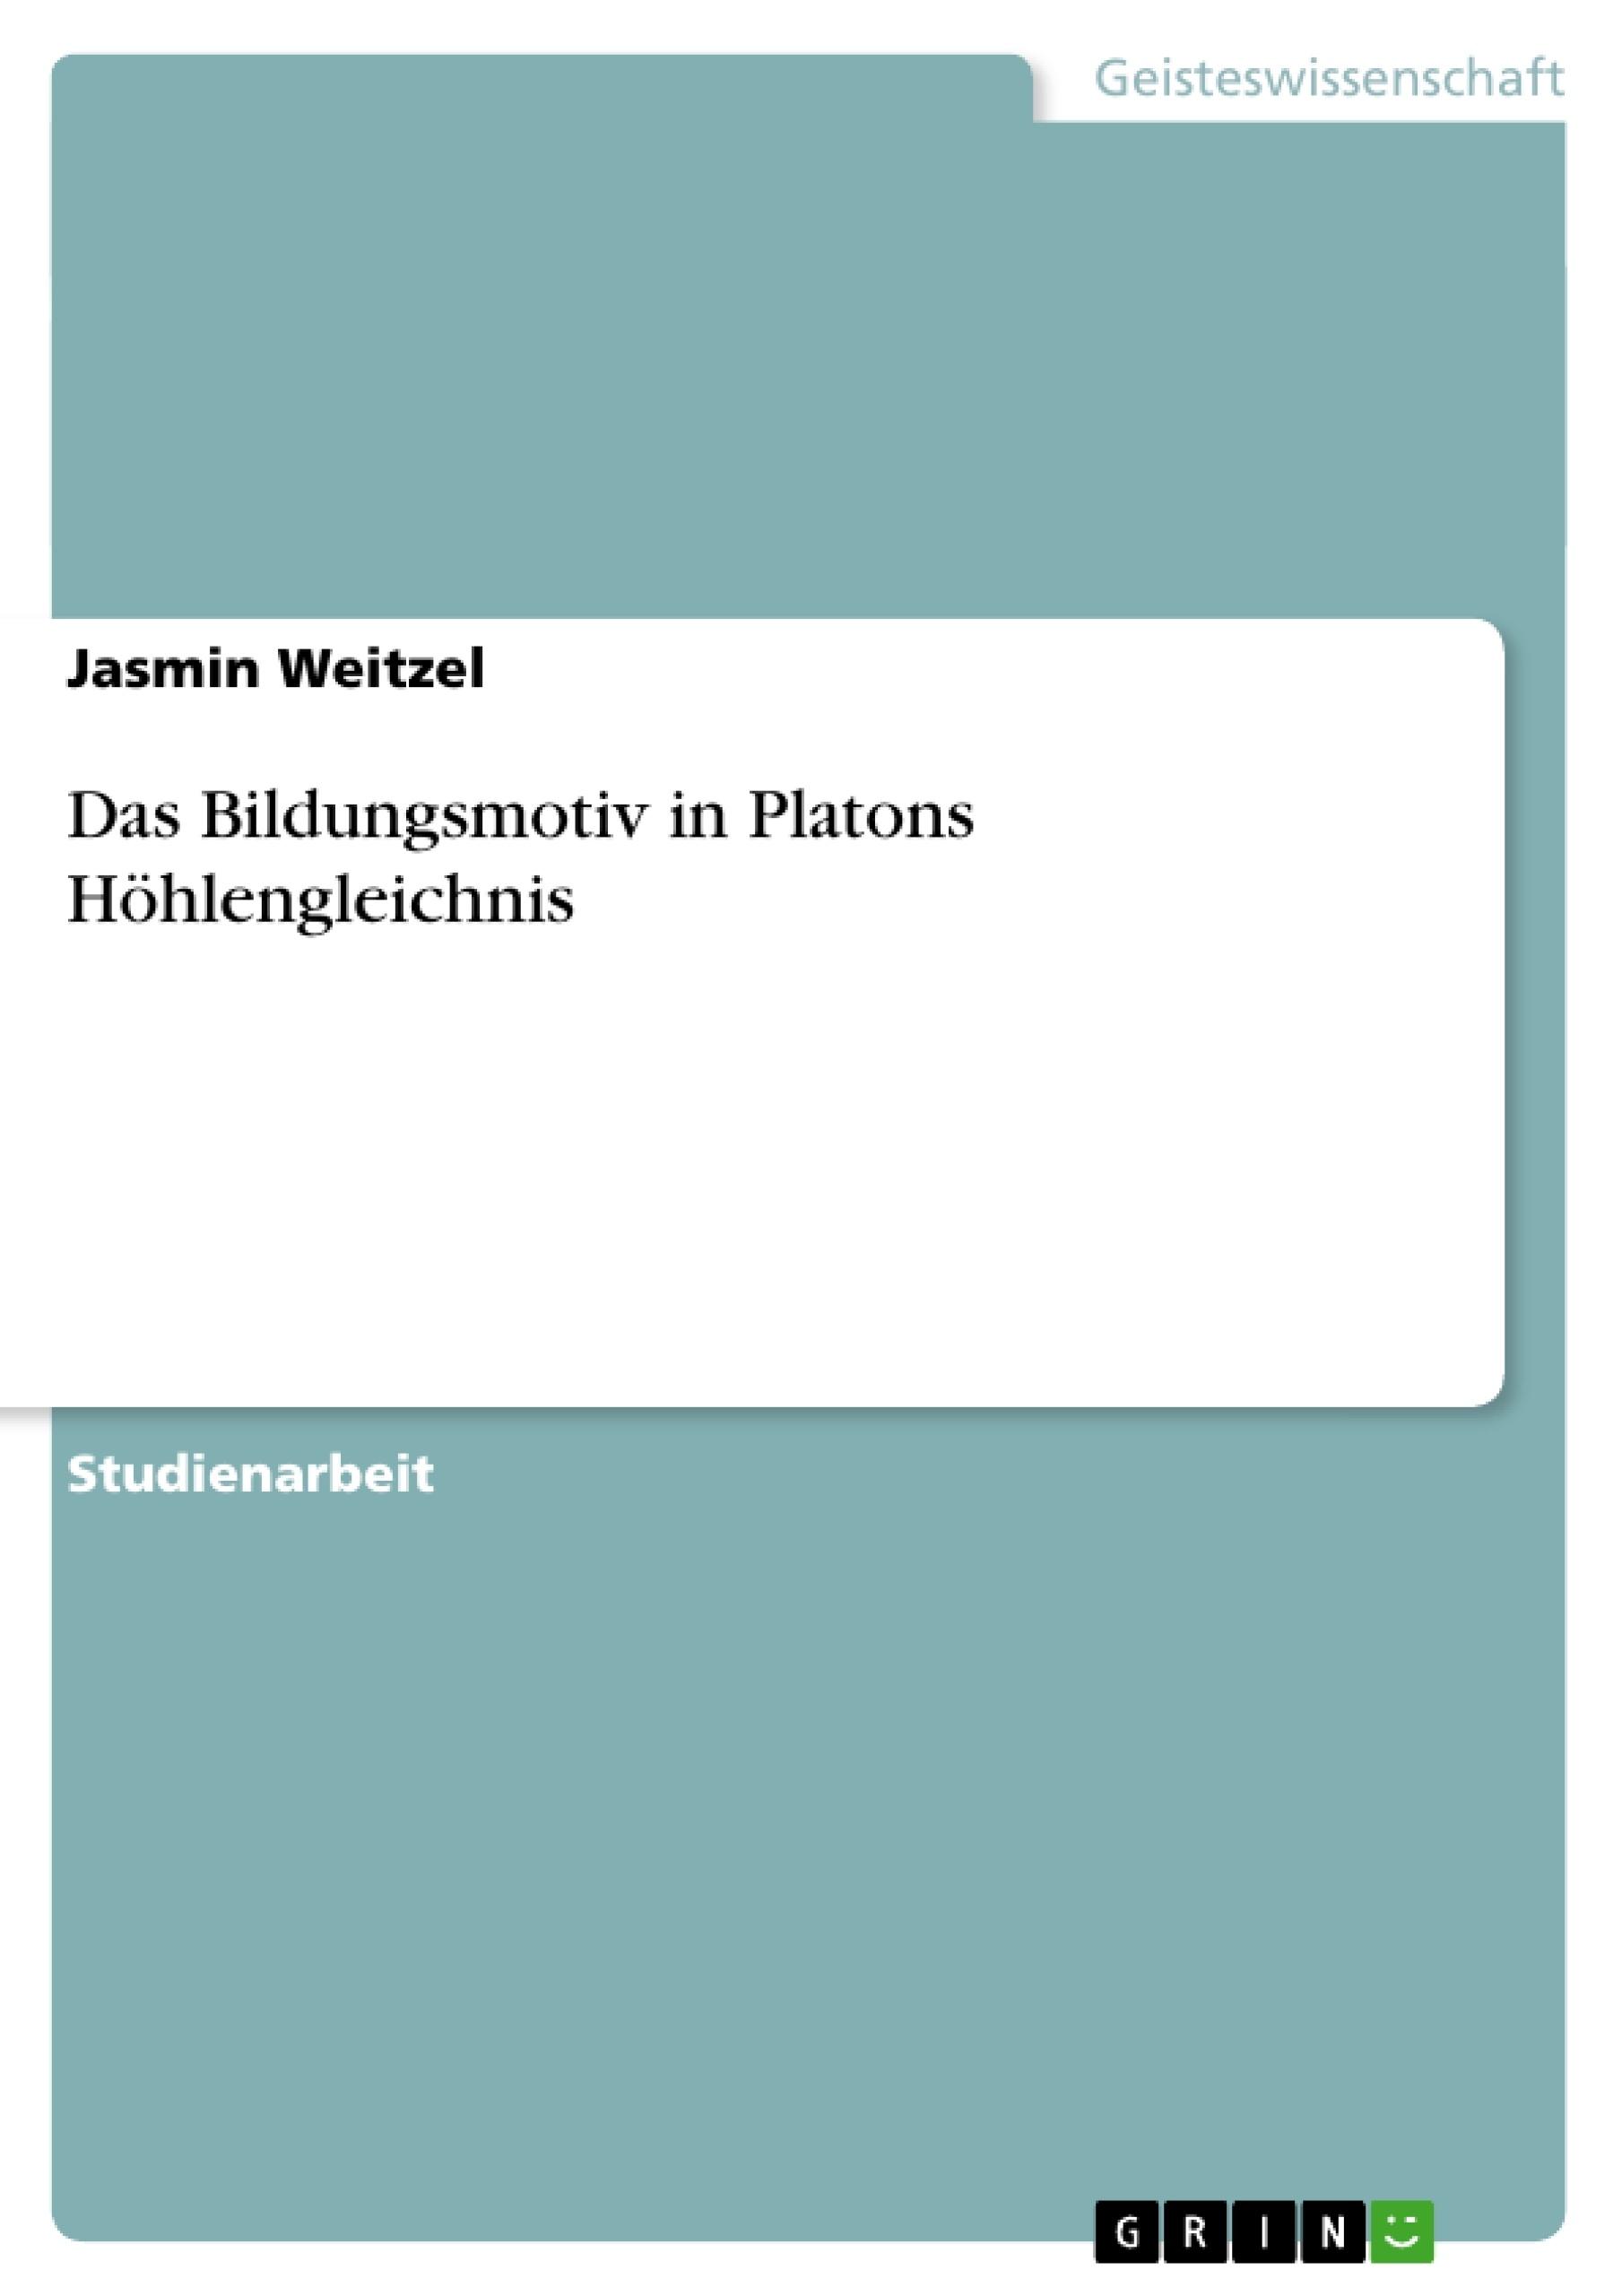 Titel: Das Bildungsmotiv in Platons Höhlengleichnis